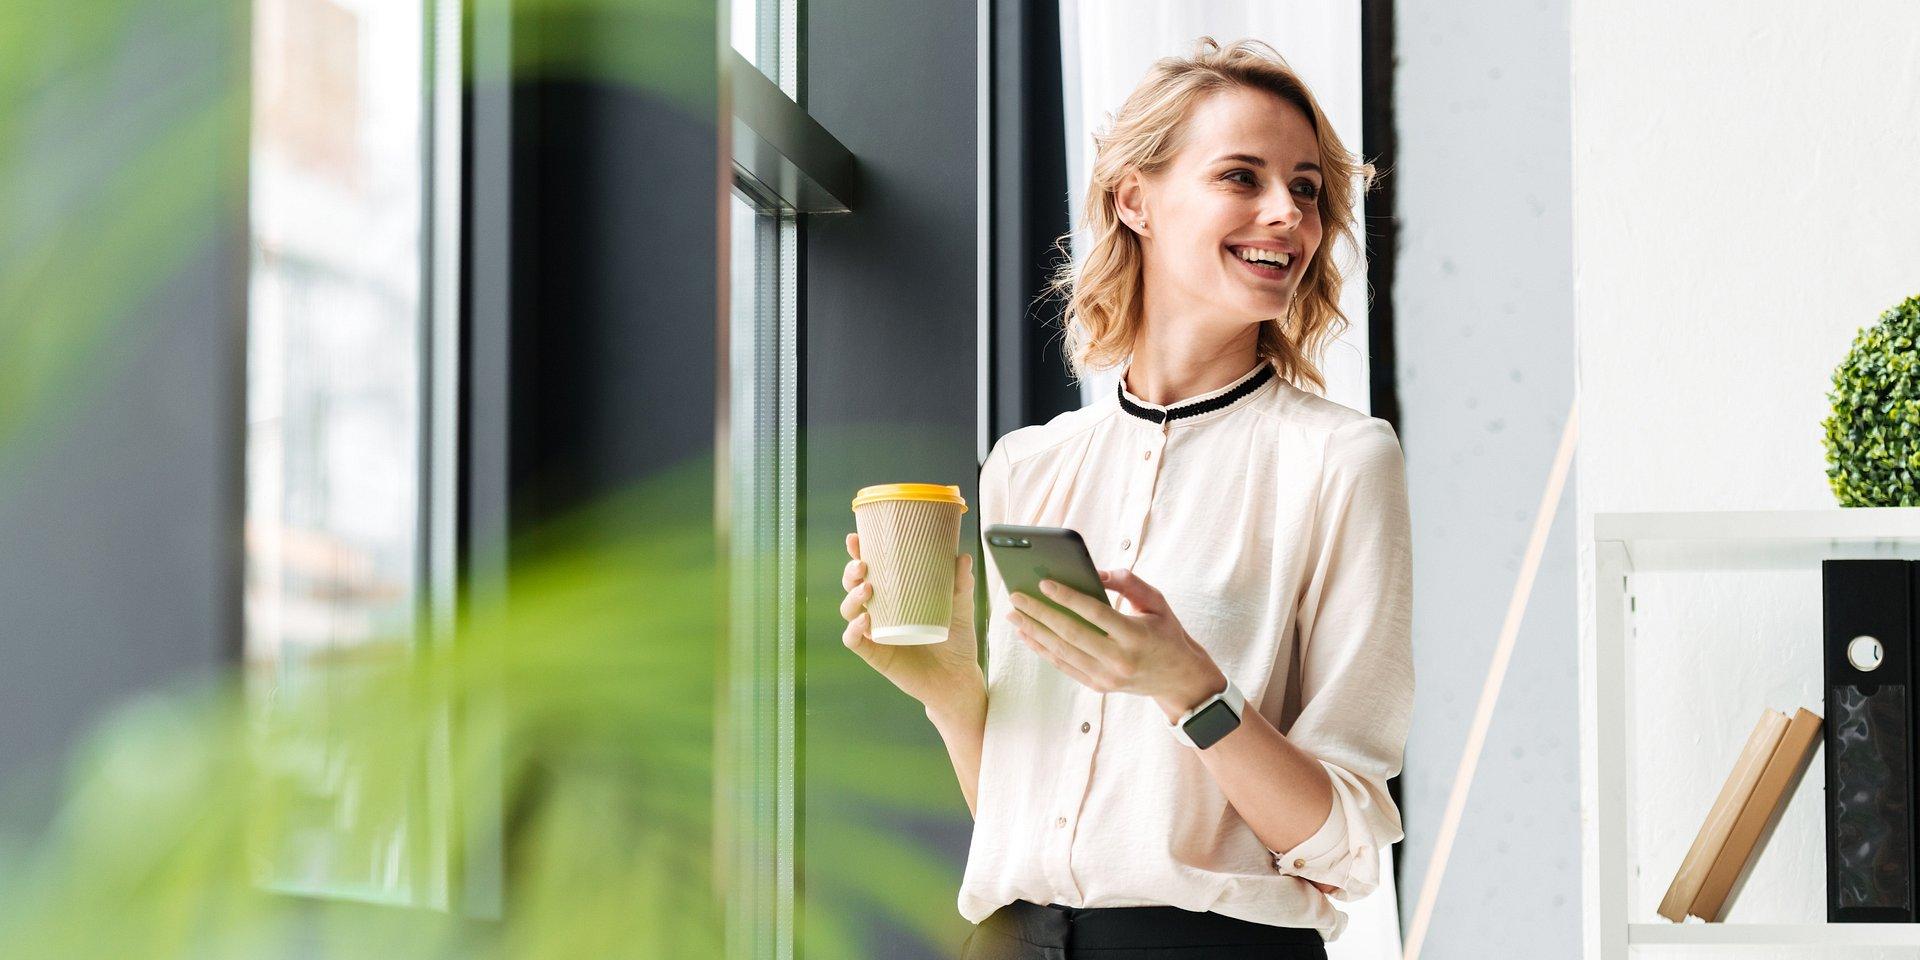 Biurowy wellbeing – jak czuć się dobrze w pracy?